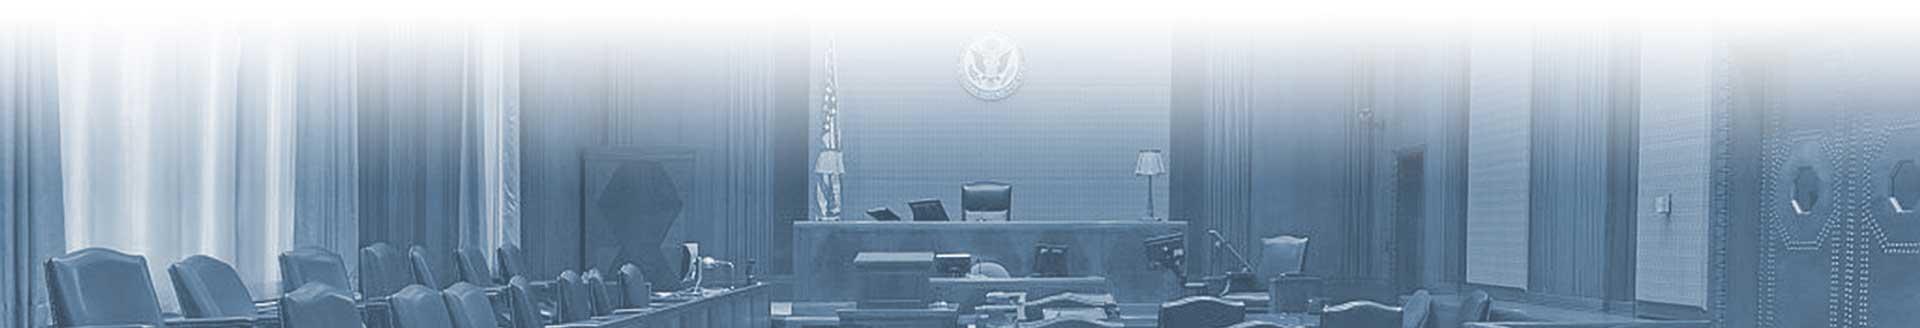 Linde v. Arab Bank, Plc - Timeline - Osen LLC